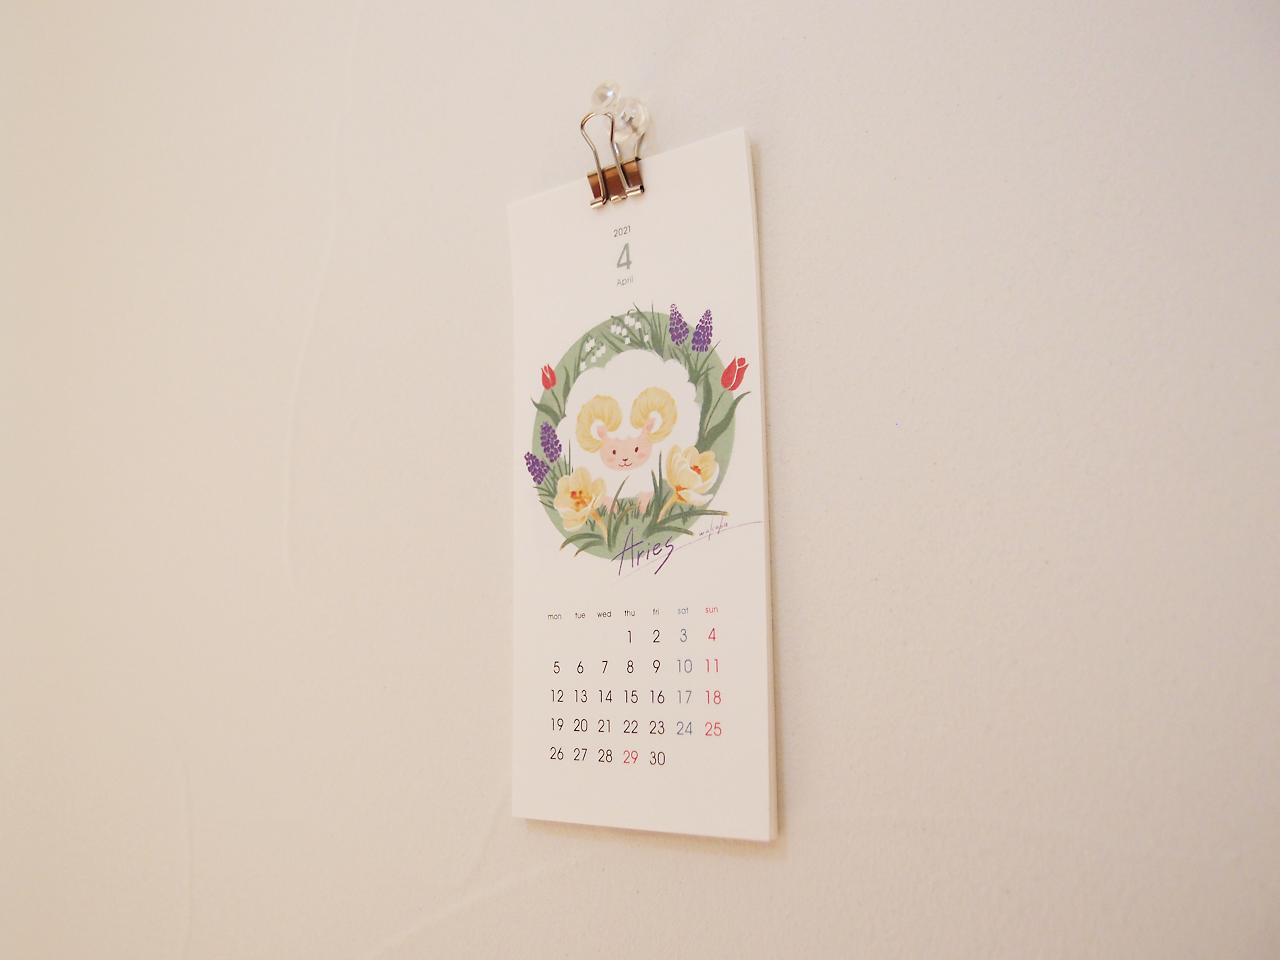 牡羊座イラストカレンダー壁に飾ったところ